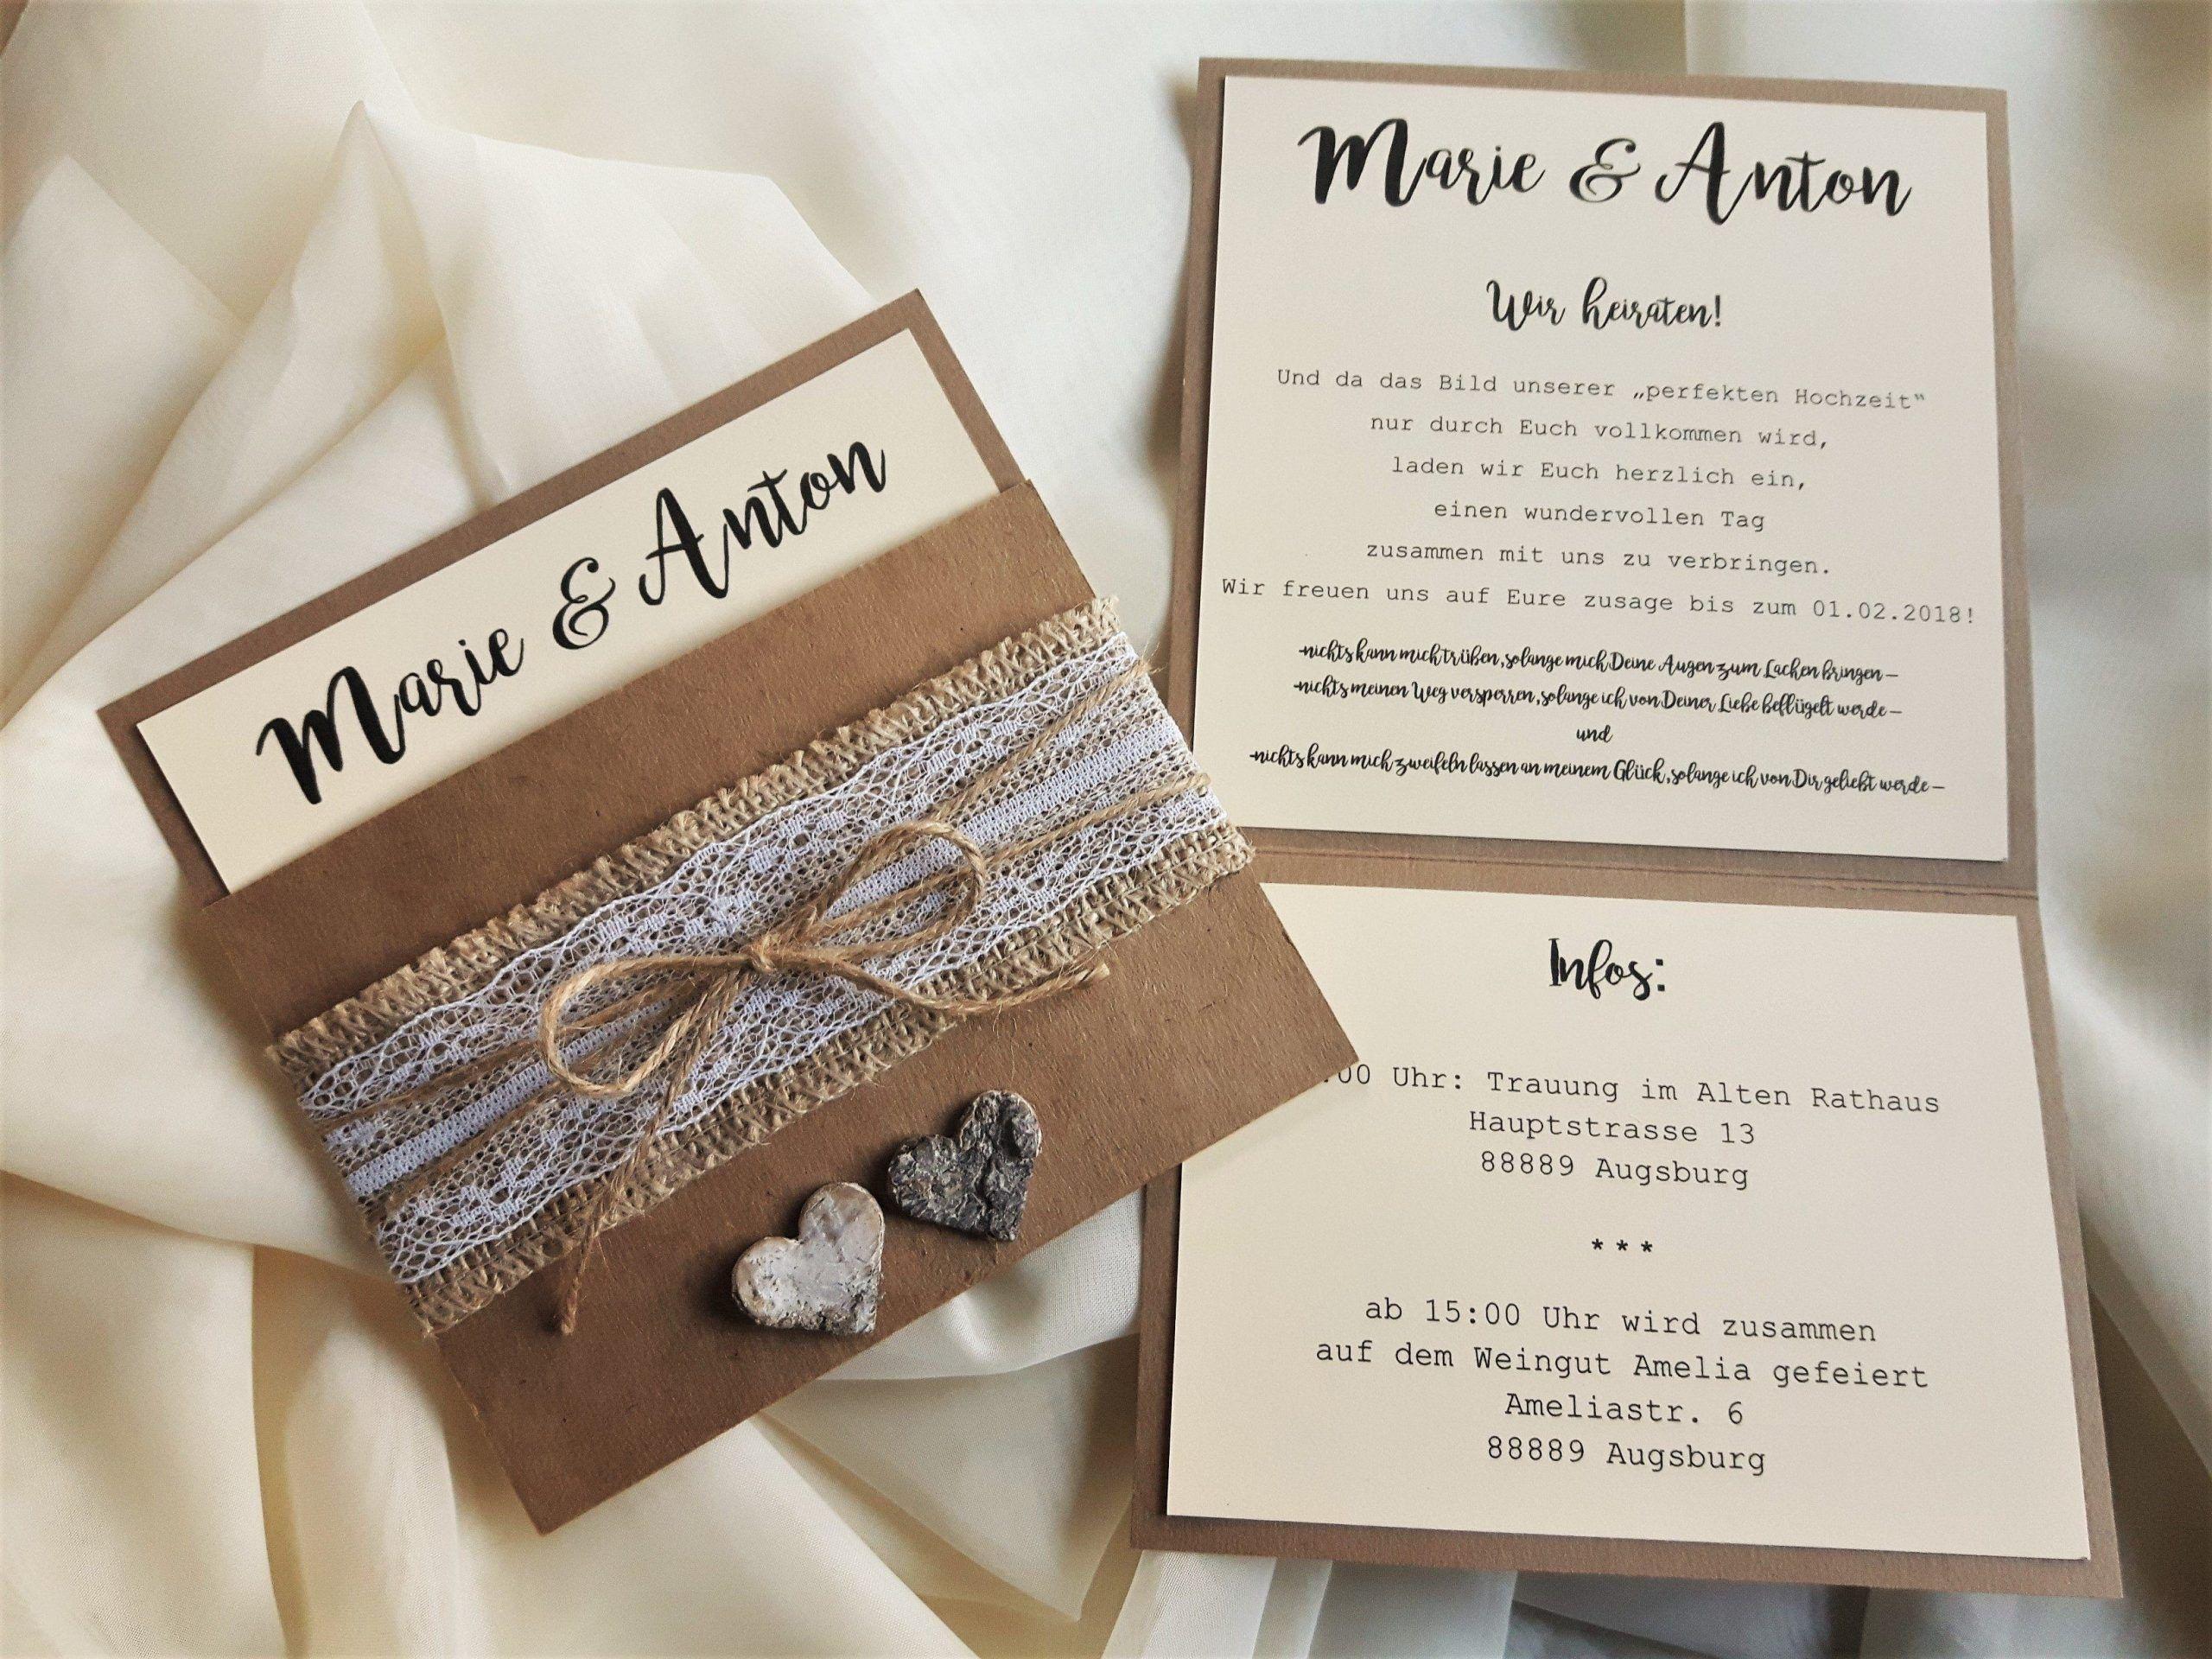 Einladung Hochzeit Abendgaste Trending In Diesem Jahr Einladungen Hochzeit Einladungskarten Hochzeit Einladung Hochzeit Text